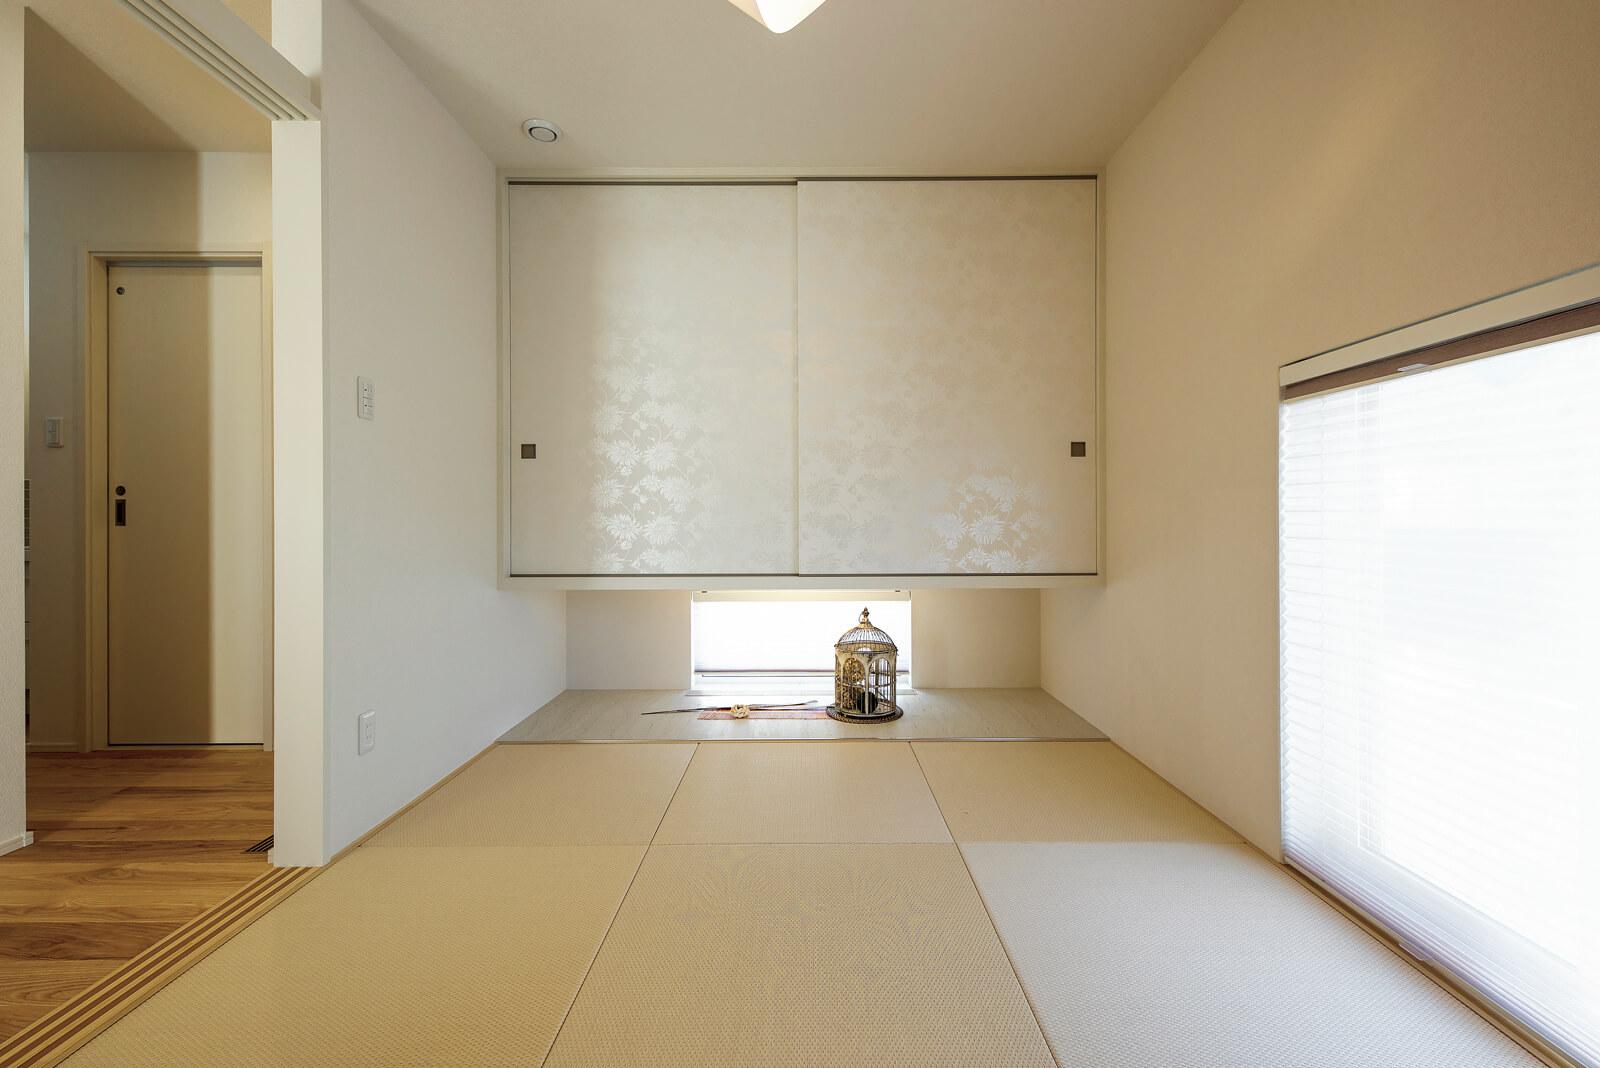 客間としても機能する6畳の和室。床の間の床板に大理石調のタイルを取り入れるなど、細部にまでこだわりが感じられる